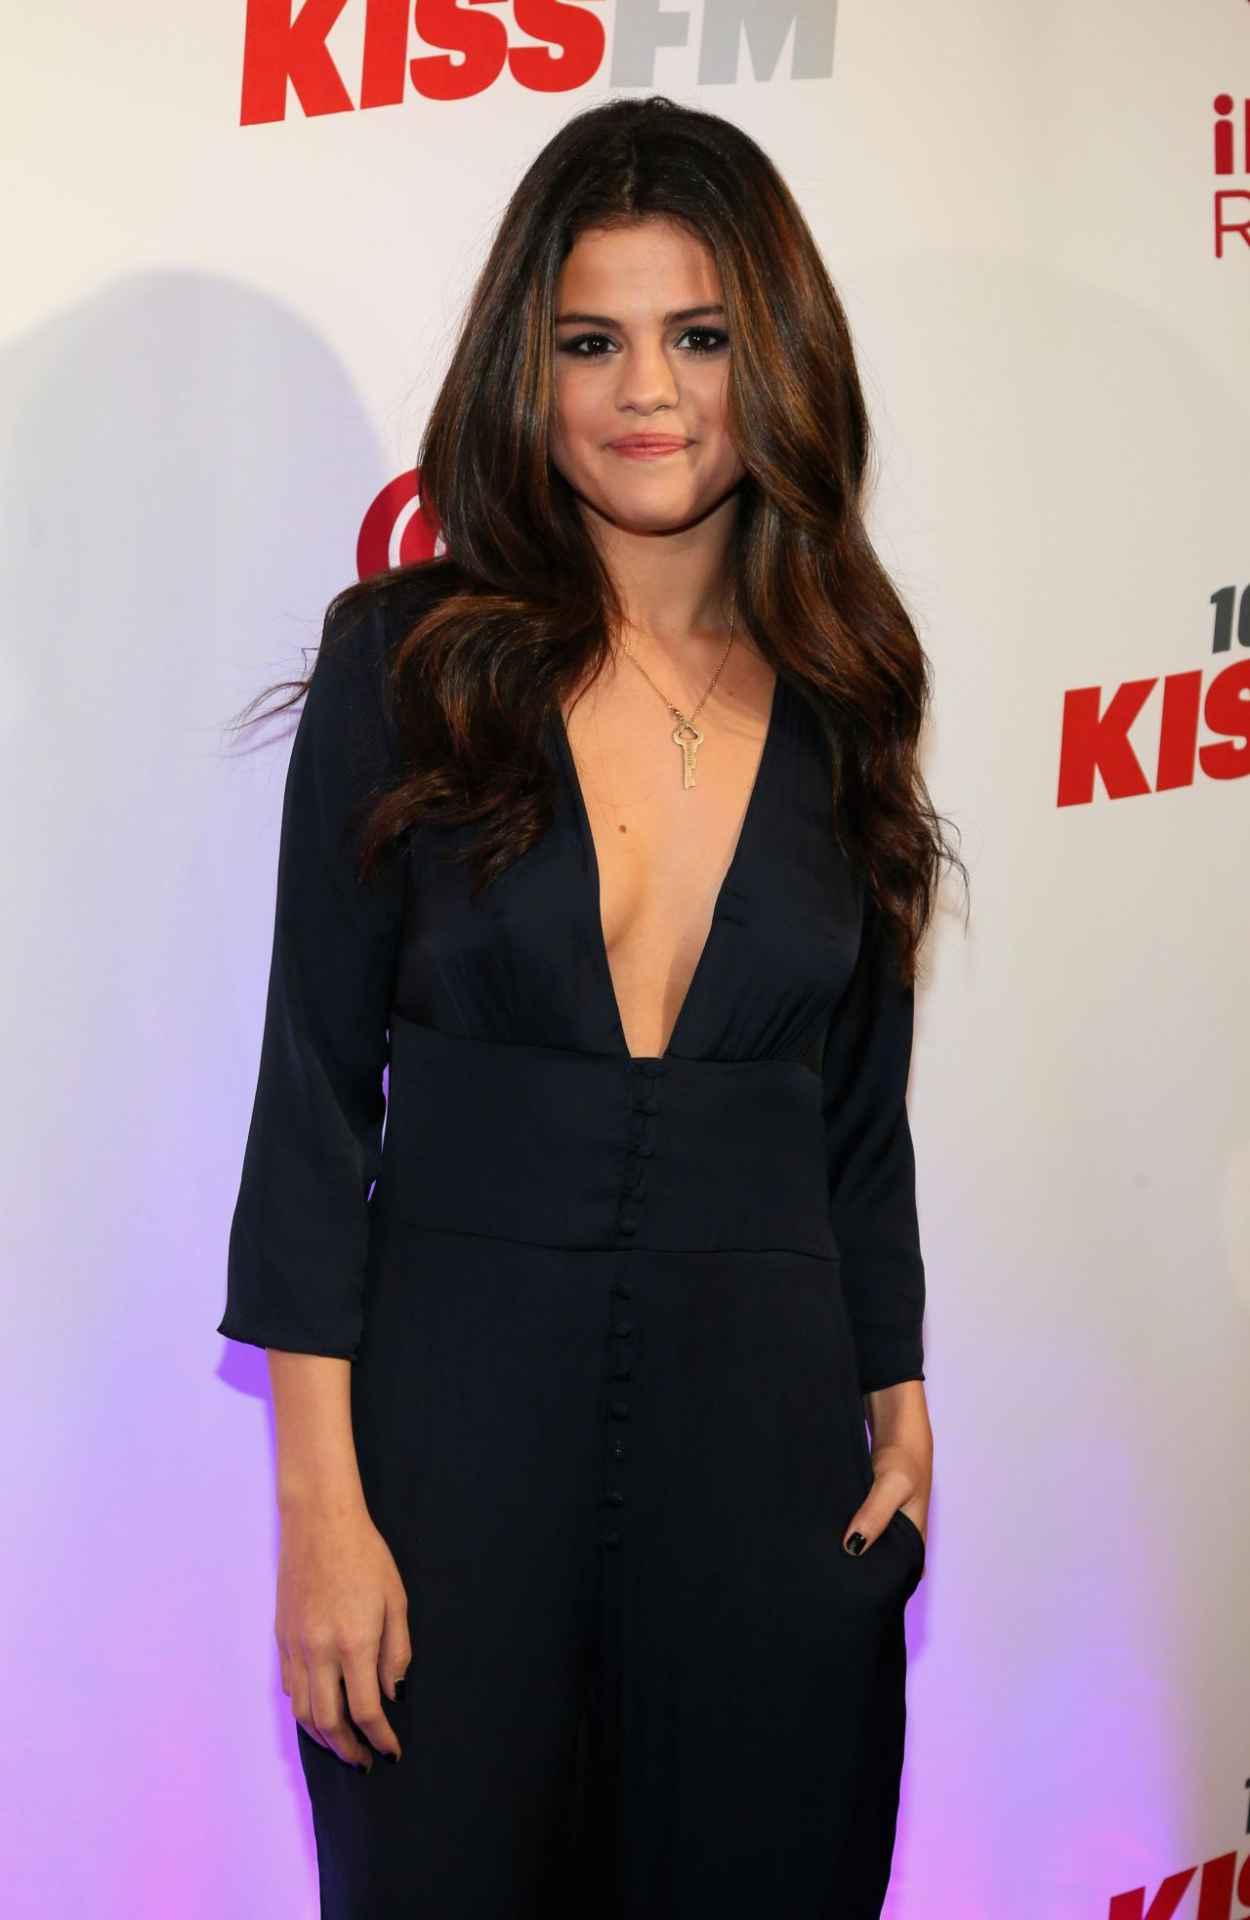 Selena Gomez Attends 106.1 KISS FMs Jingle Ball in Dallas - December 2015-1